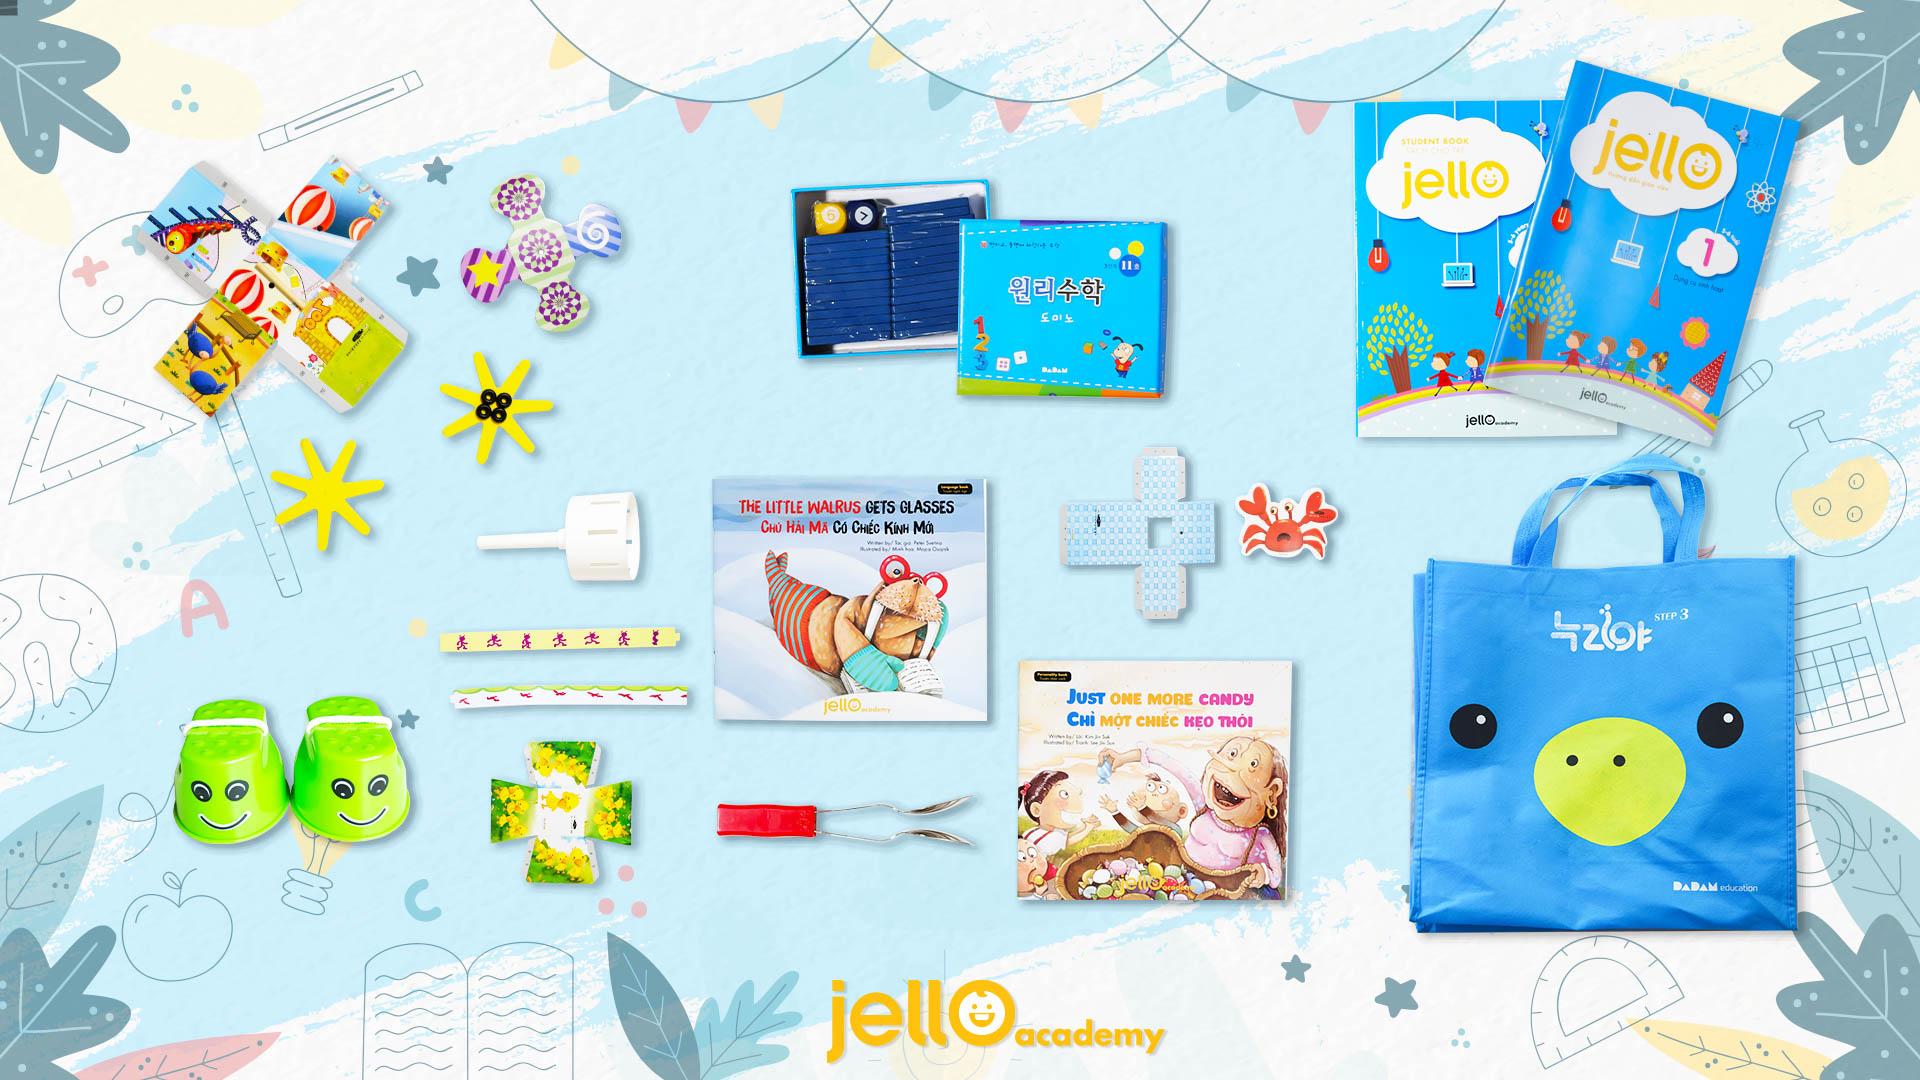 Bộ học cụ Jello - 5 Tuổi - Tháng 01